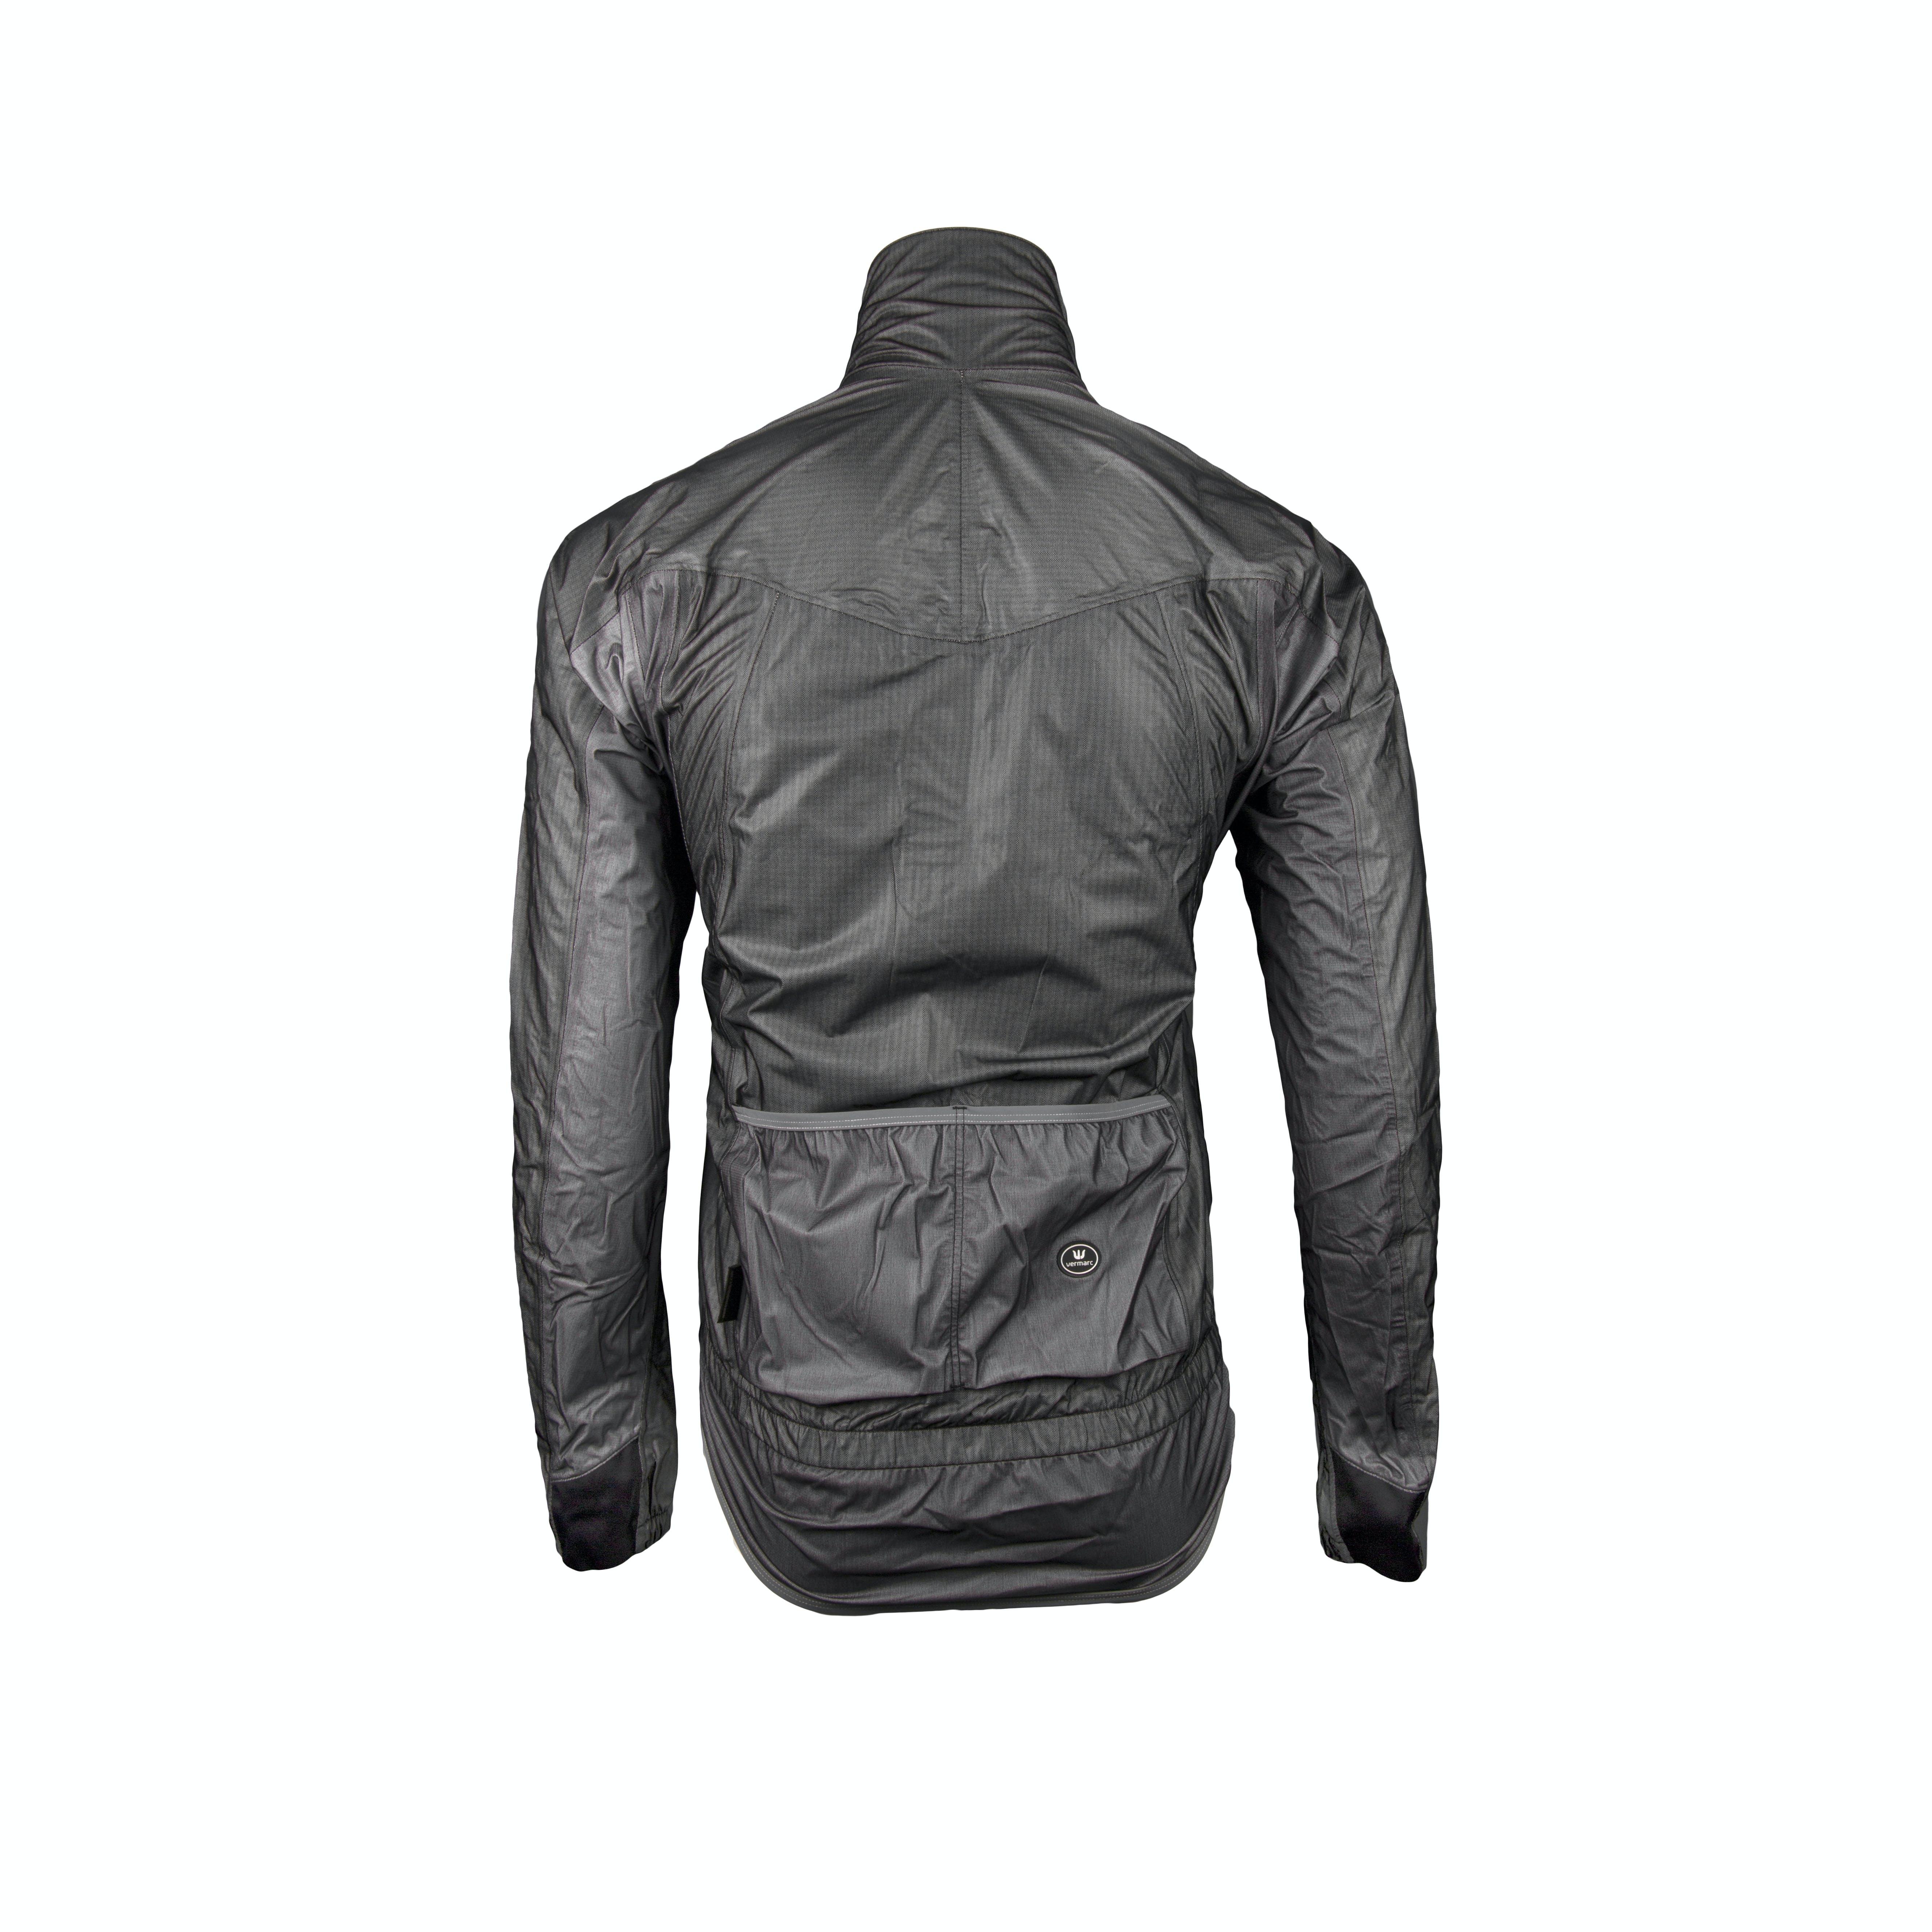 Rainjacket Long Sleeves e-Rain Silver